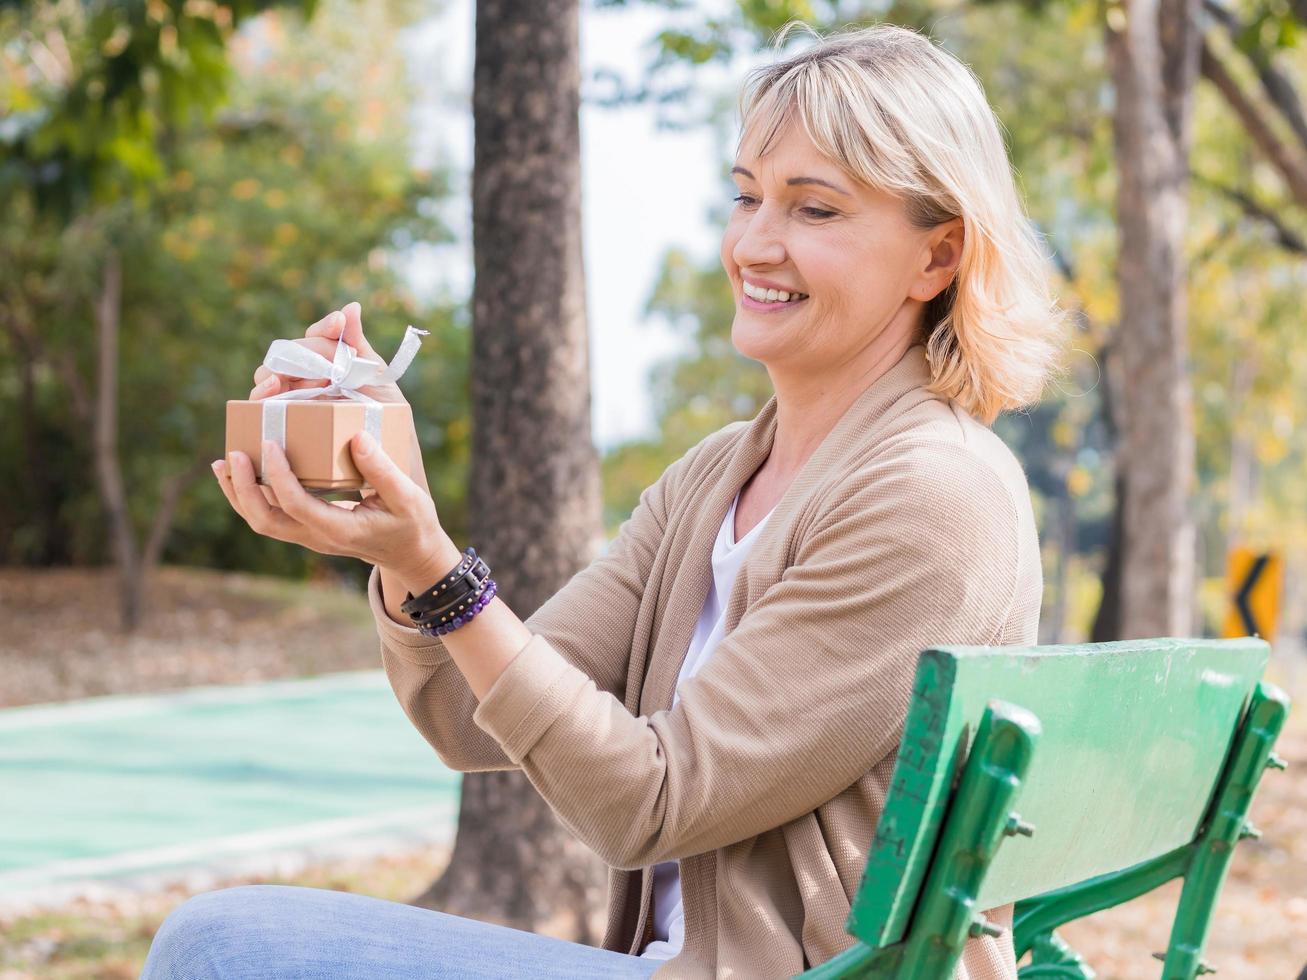 donna regalo di apertura in un parco foto